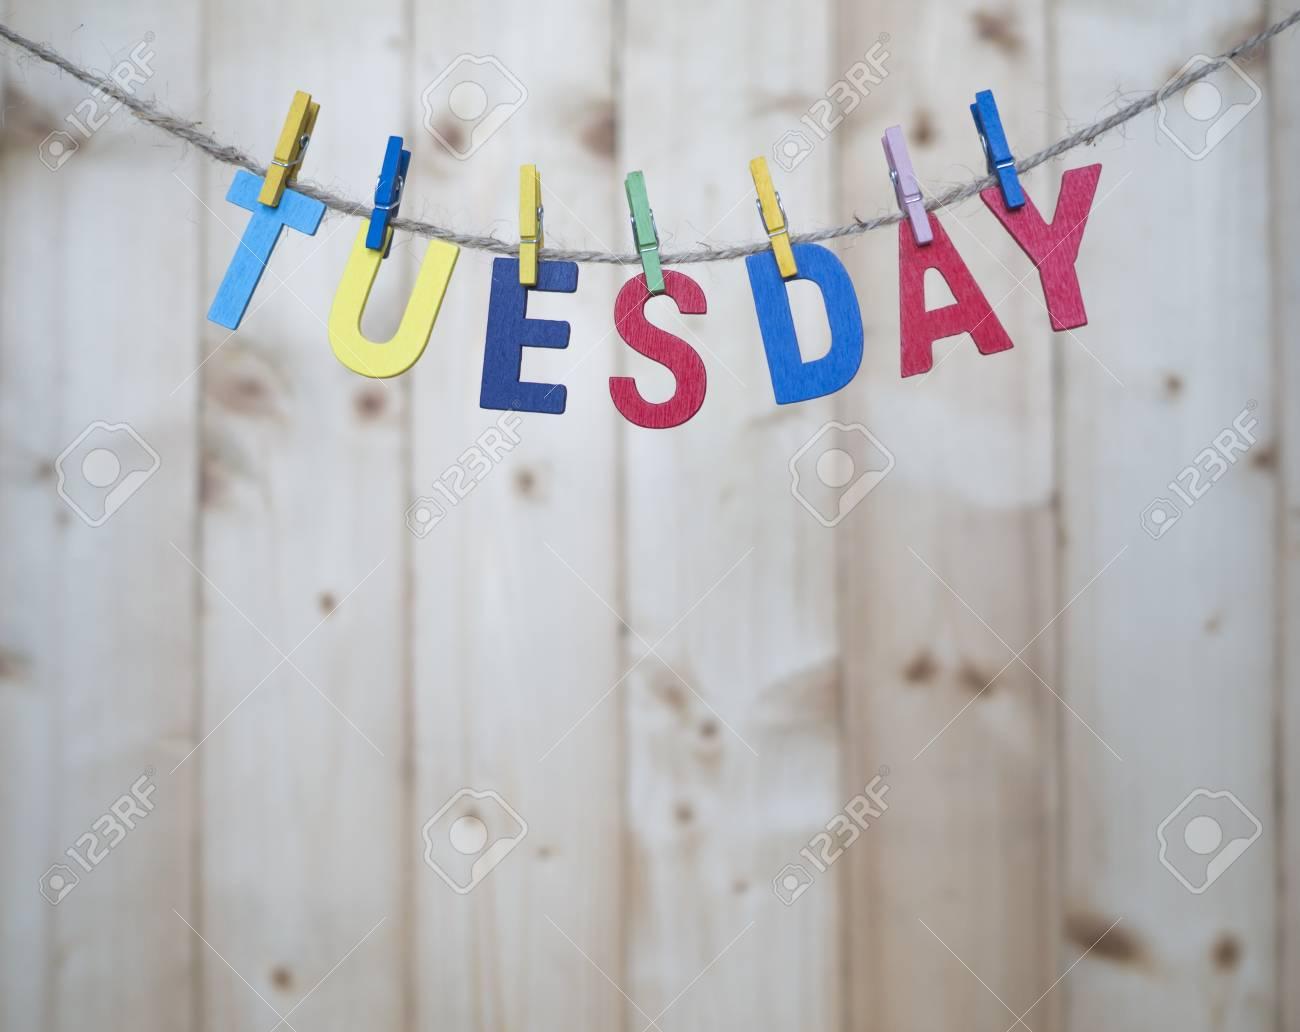 Lettere Di Legno Da Appendere : Martedì parola con lettere di legno appendere con corda su sfondo